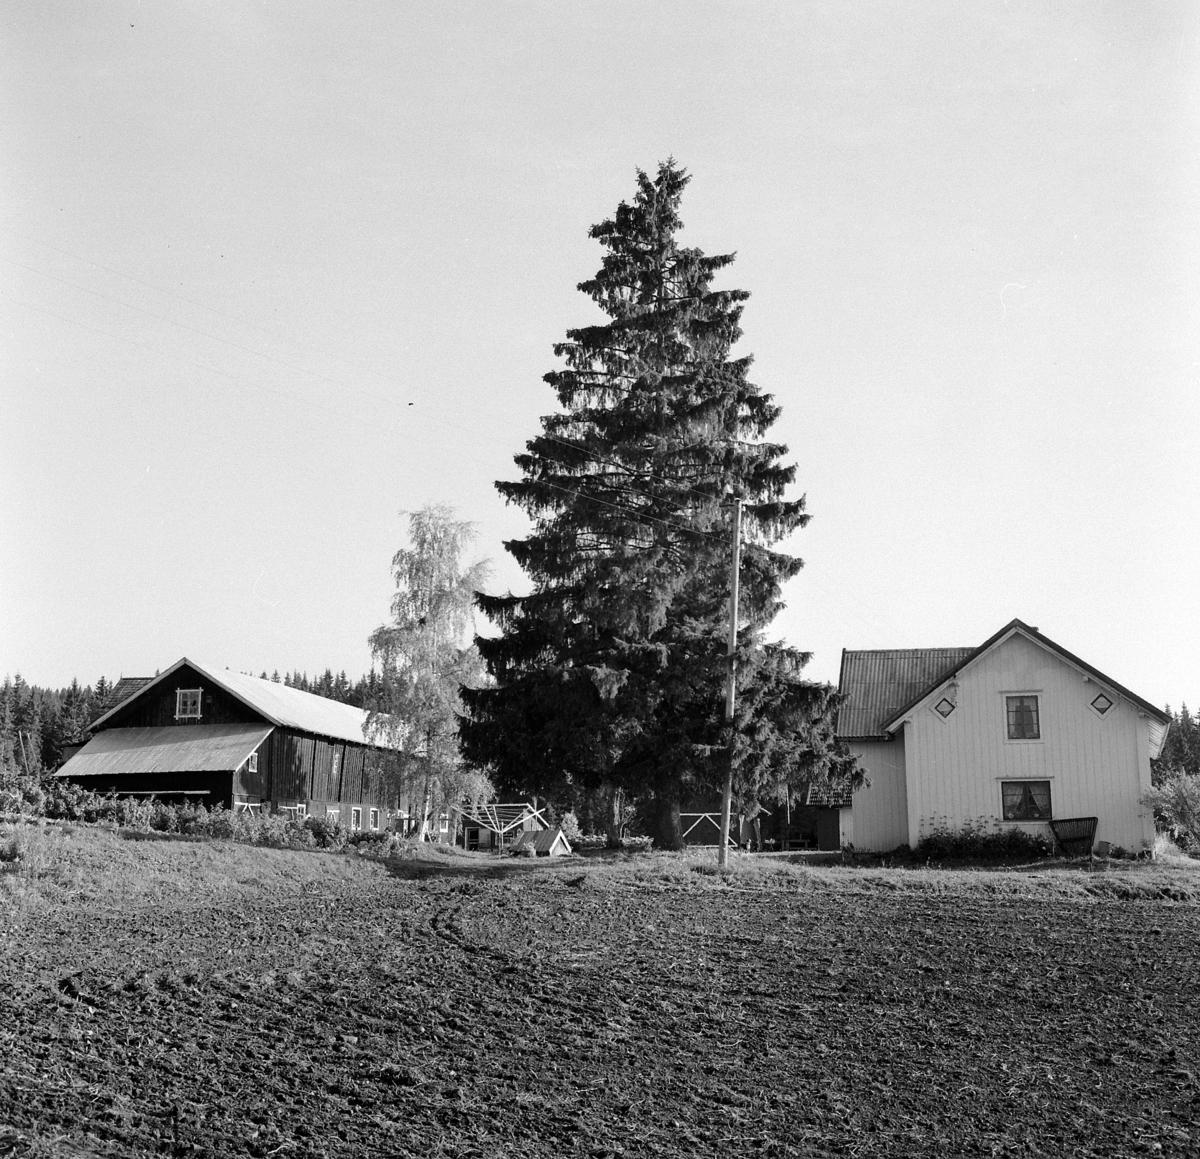 KLEIVEN I VELDRE. 1965. GNR. 19 - BNR. 2. VELDRE BYGDEBOK 1974 SIDE 182. FOTOGRAF EIVIN LØKKEN.